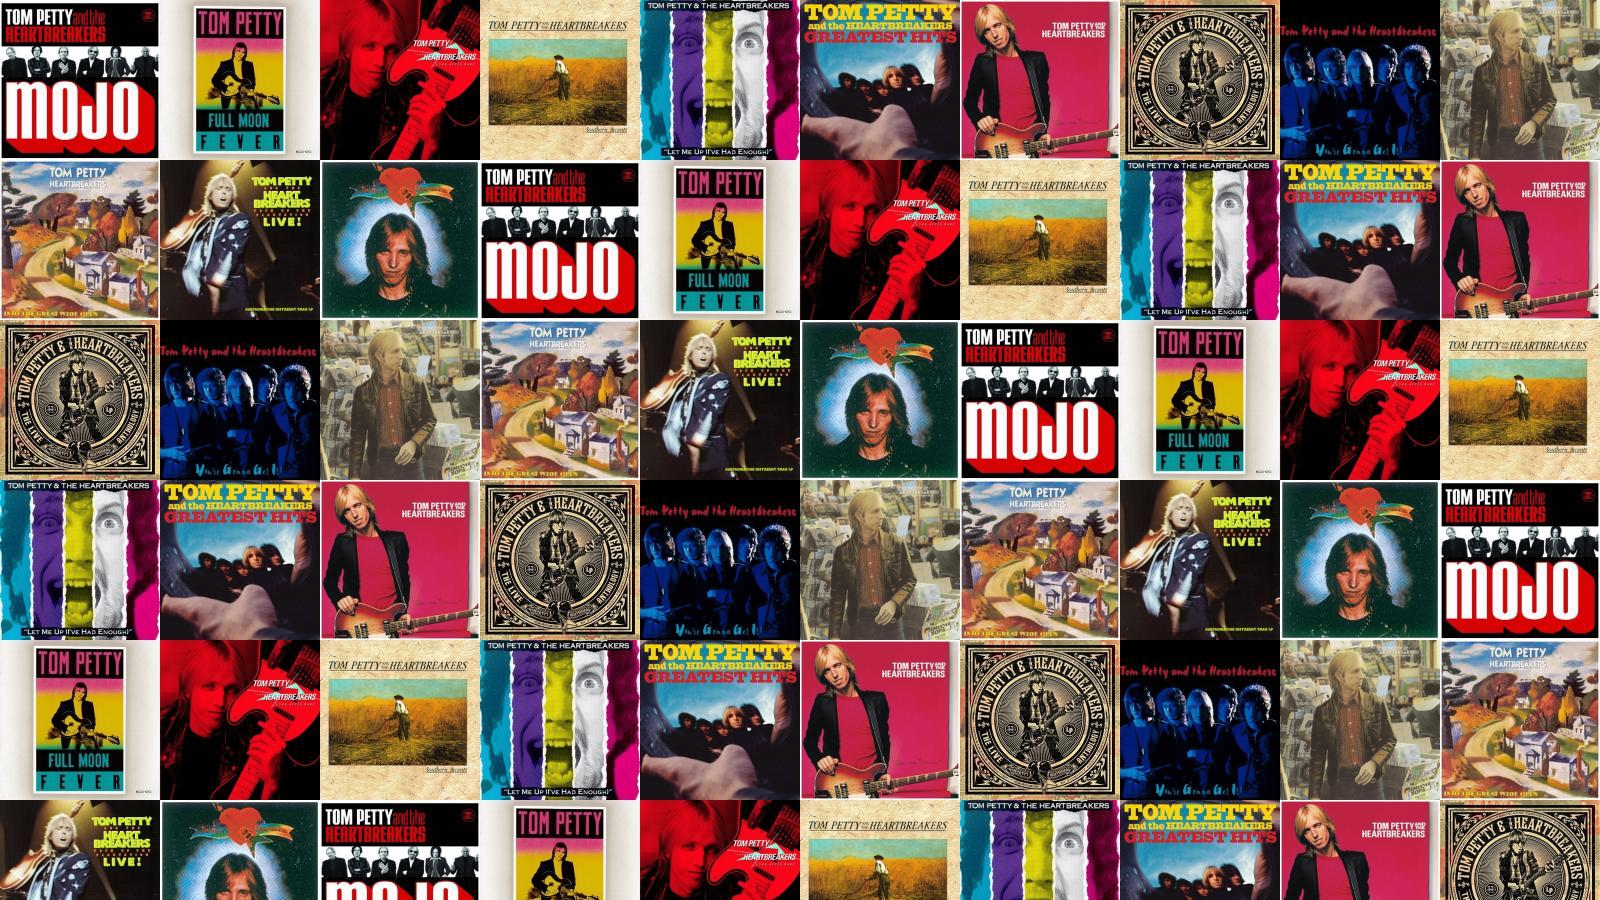 Tom Petty Heartbreakers Mojo Full Moon Fever Long Wallpaper Tiled 1600x900